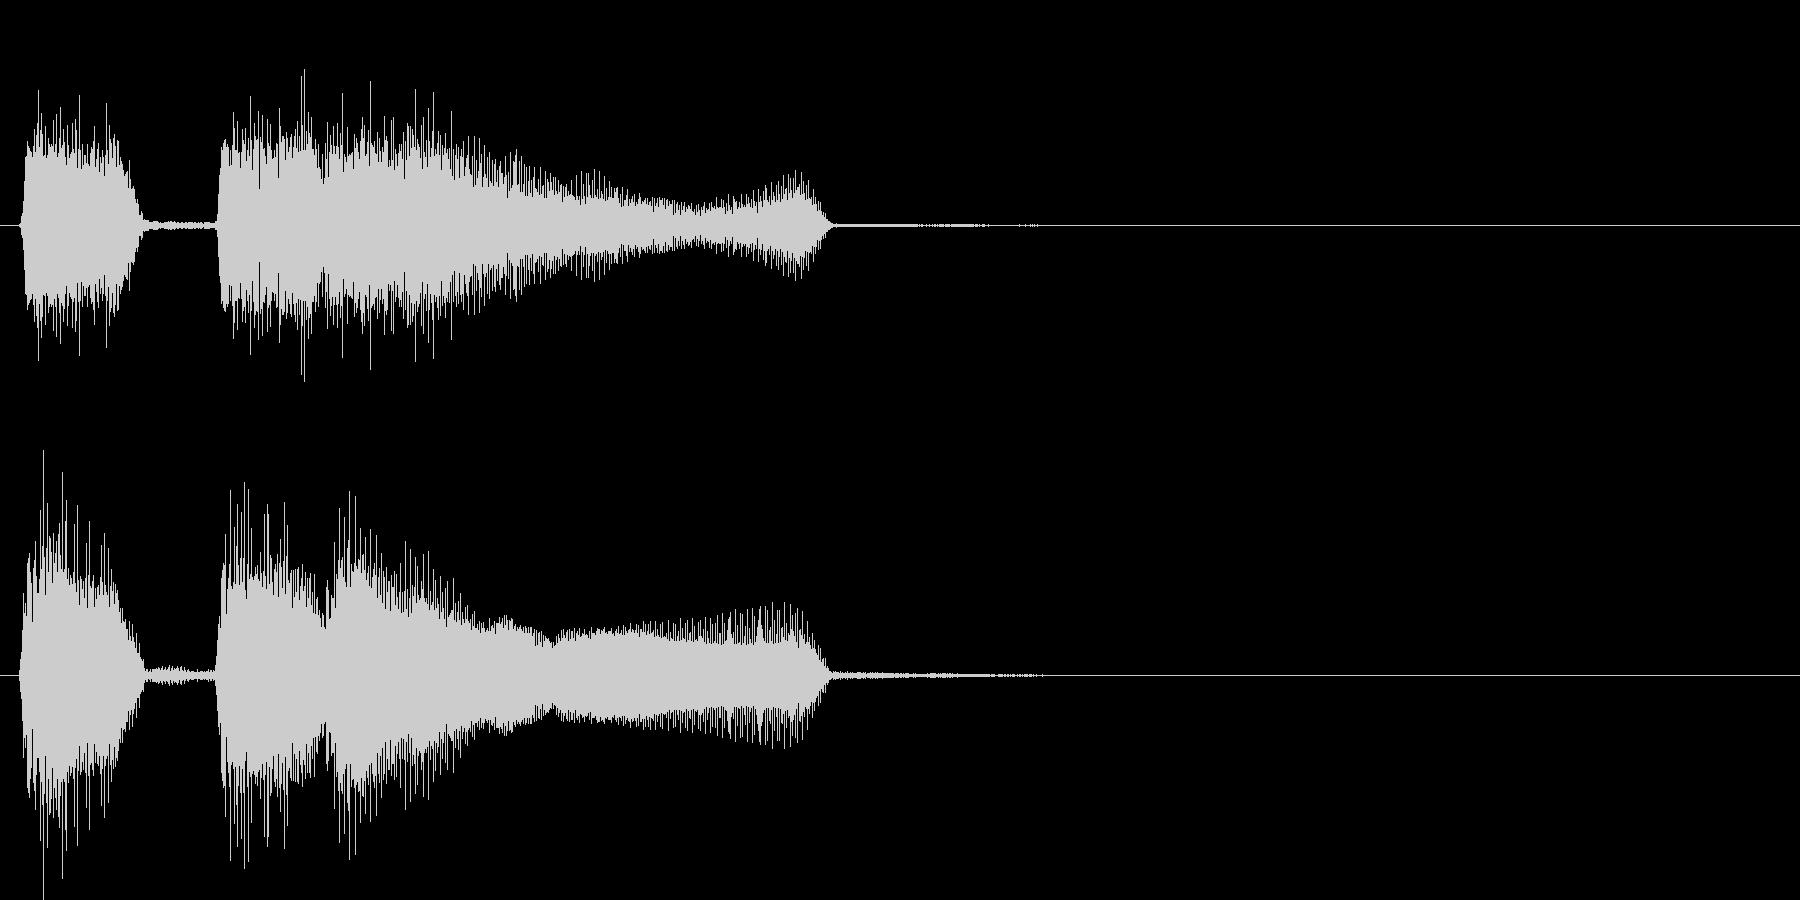 テッテレー(成功時のファンファーレ)の未再生の波形